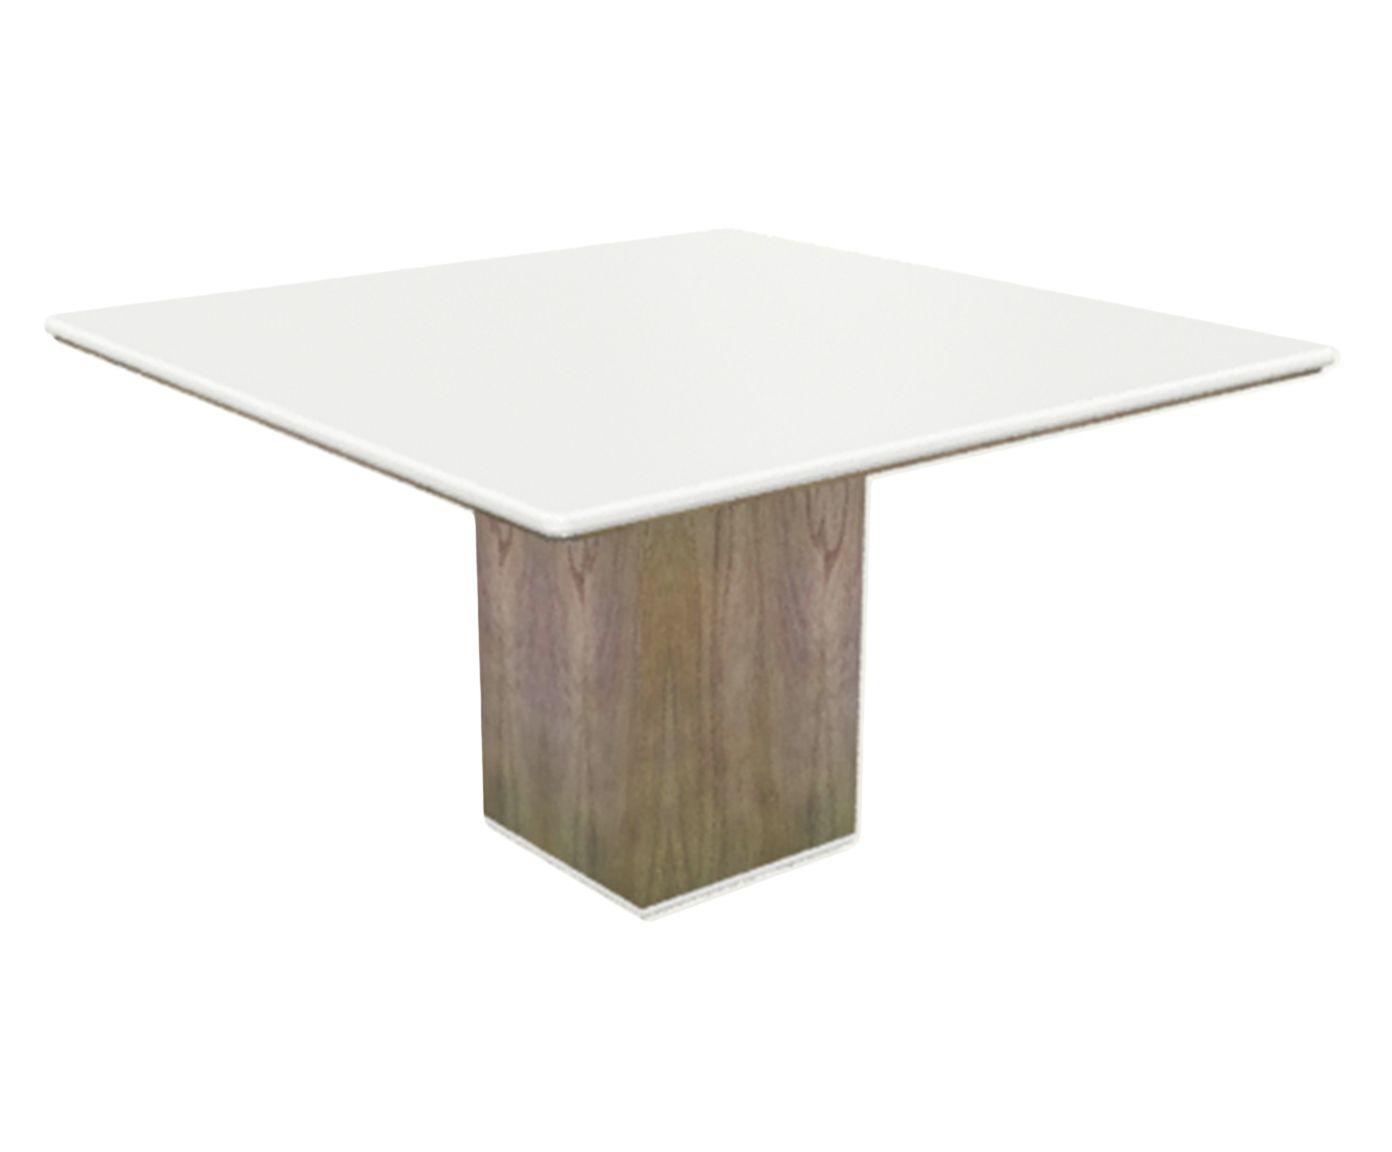 Mesa de Jantar Cananeia Branca - 130x130cm | Westwing.com.br